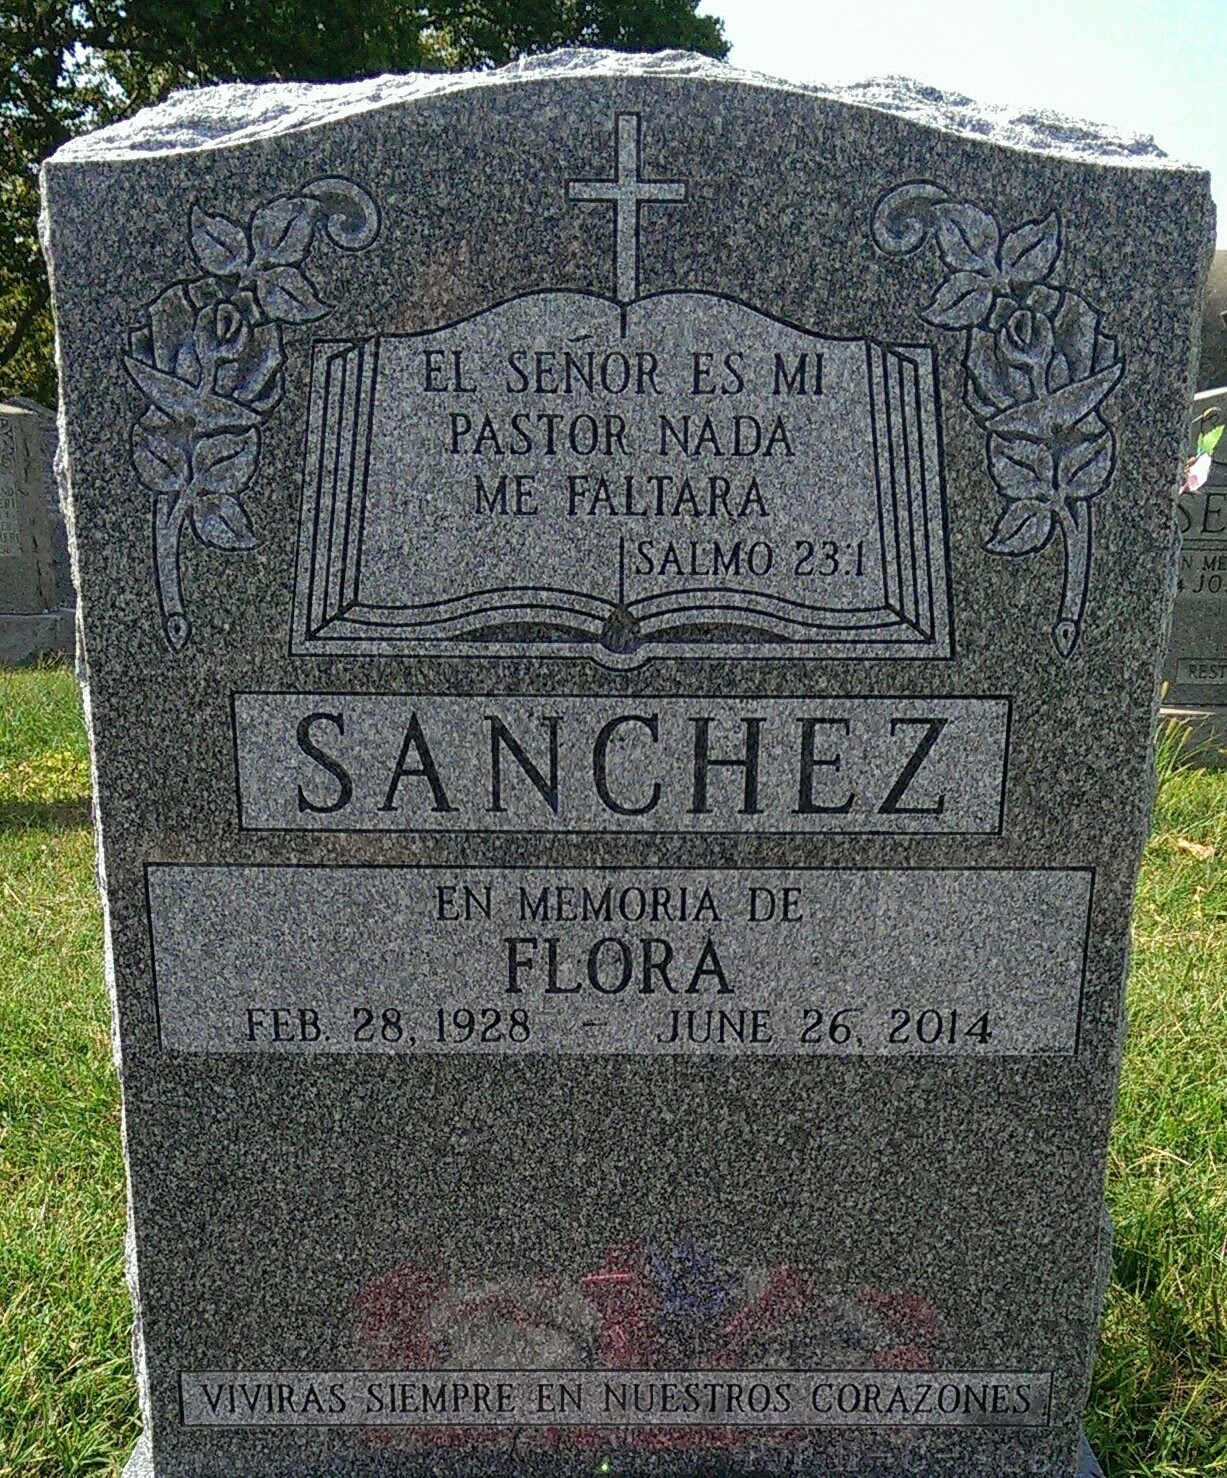 F. Sanchez